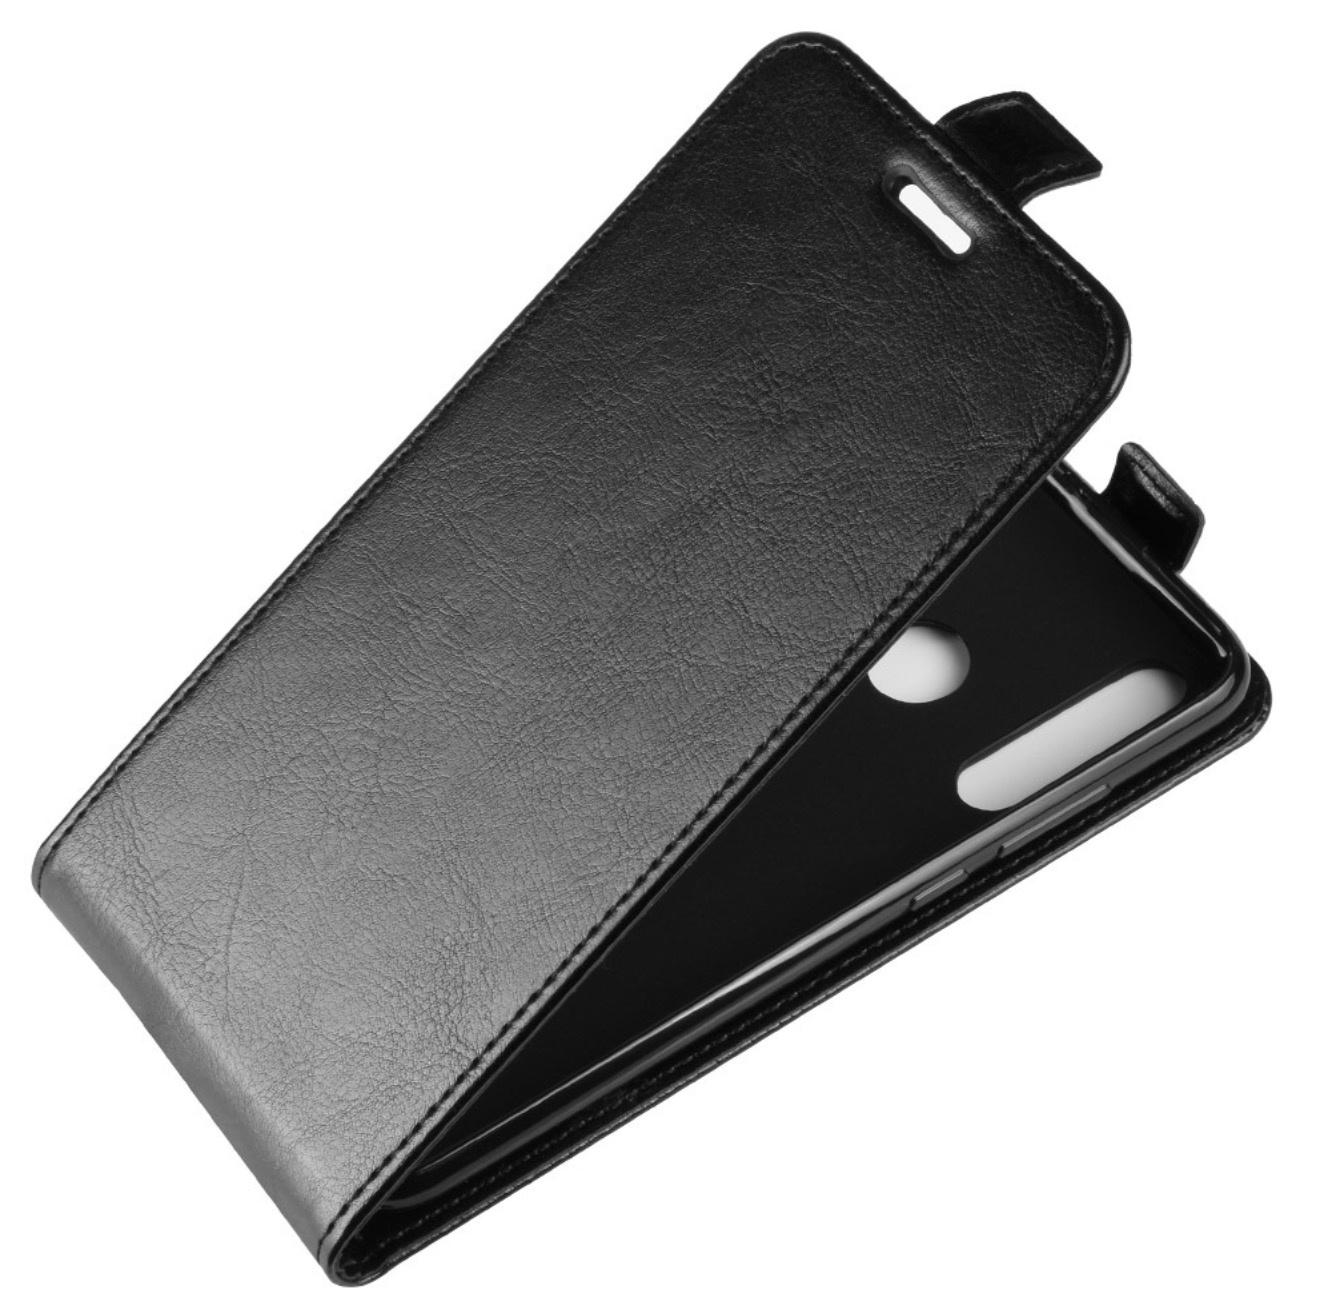 Чехол-флип MyPads для Doogee X5 / X5C / X5 Pro вертикальный откидной черный